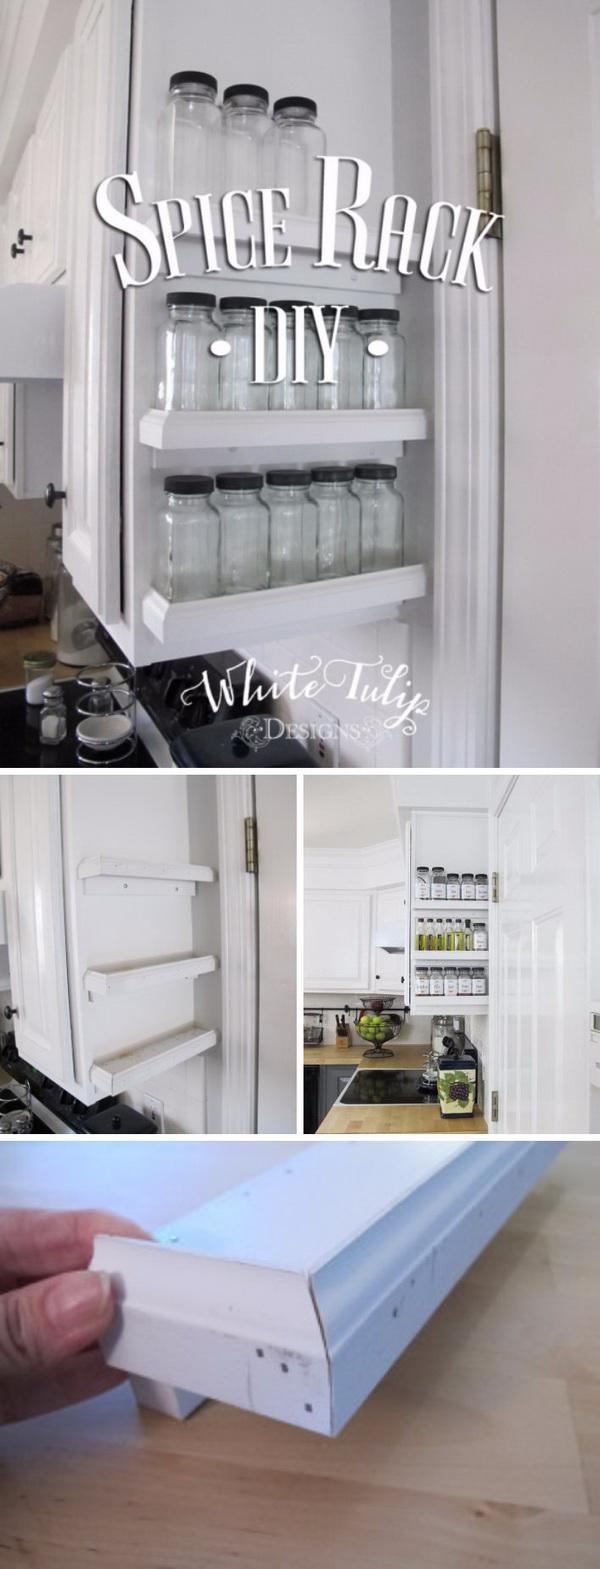 image28-2 | 20 творческих идей организации хранения на кухне